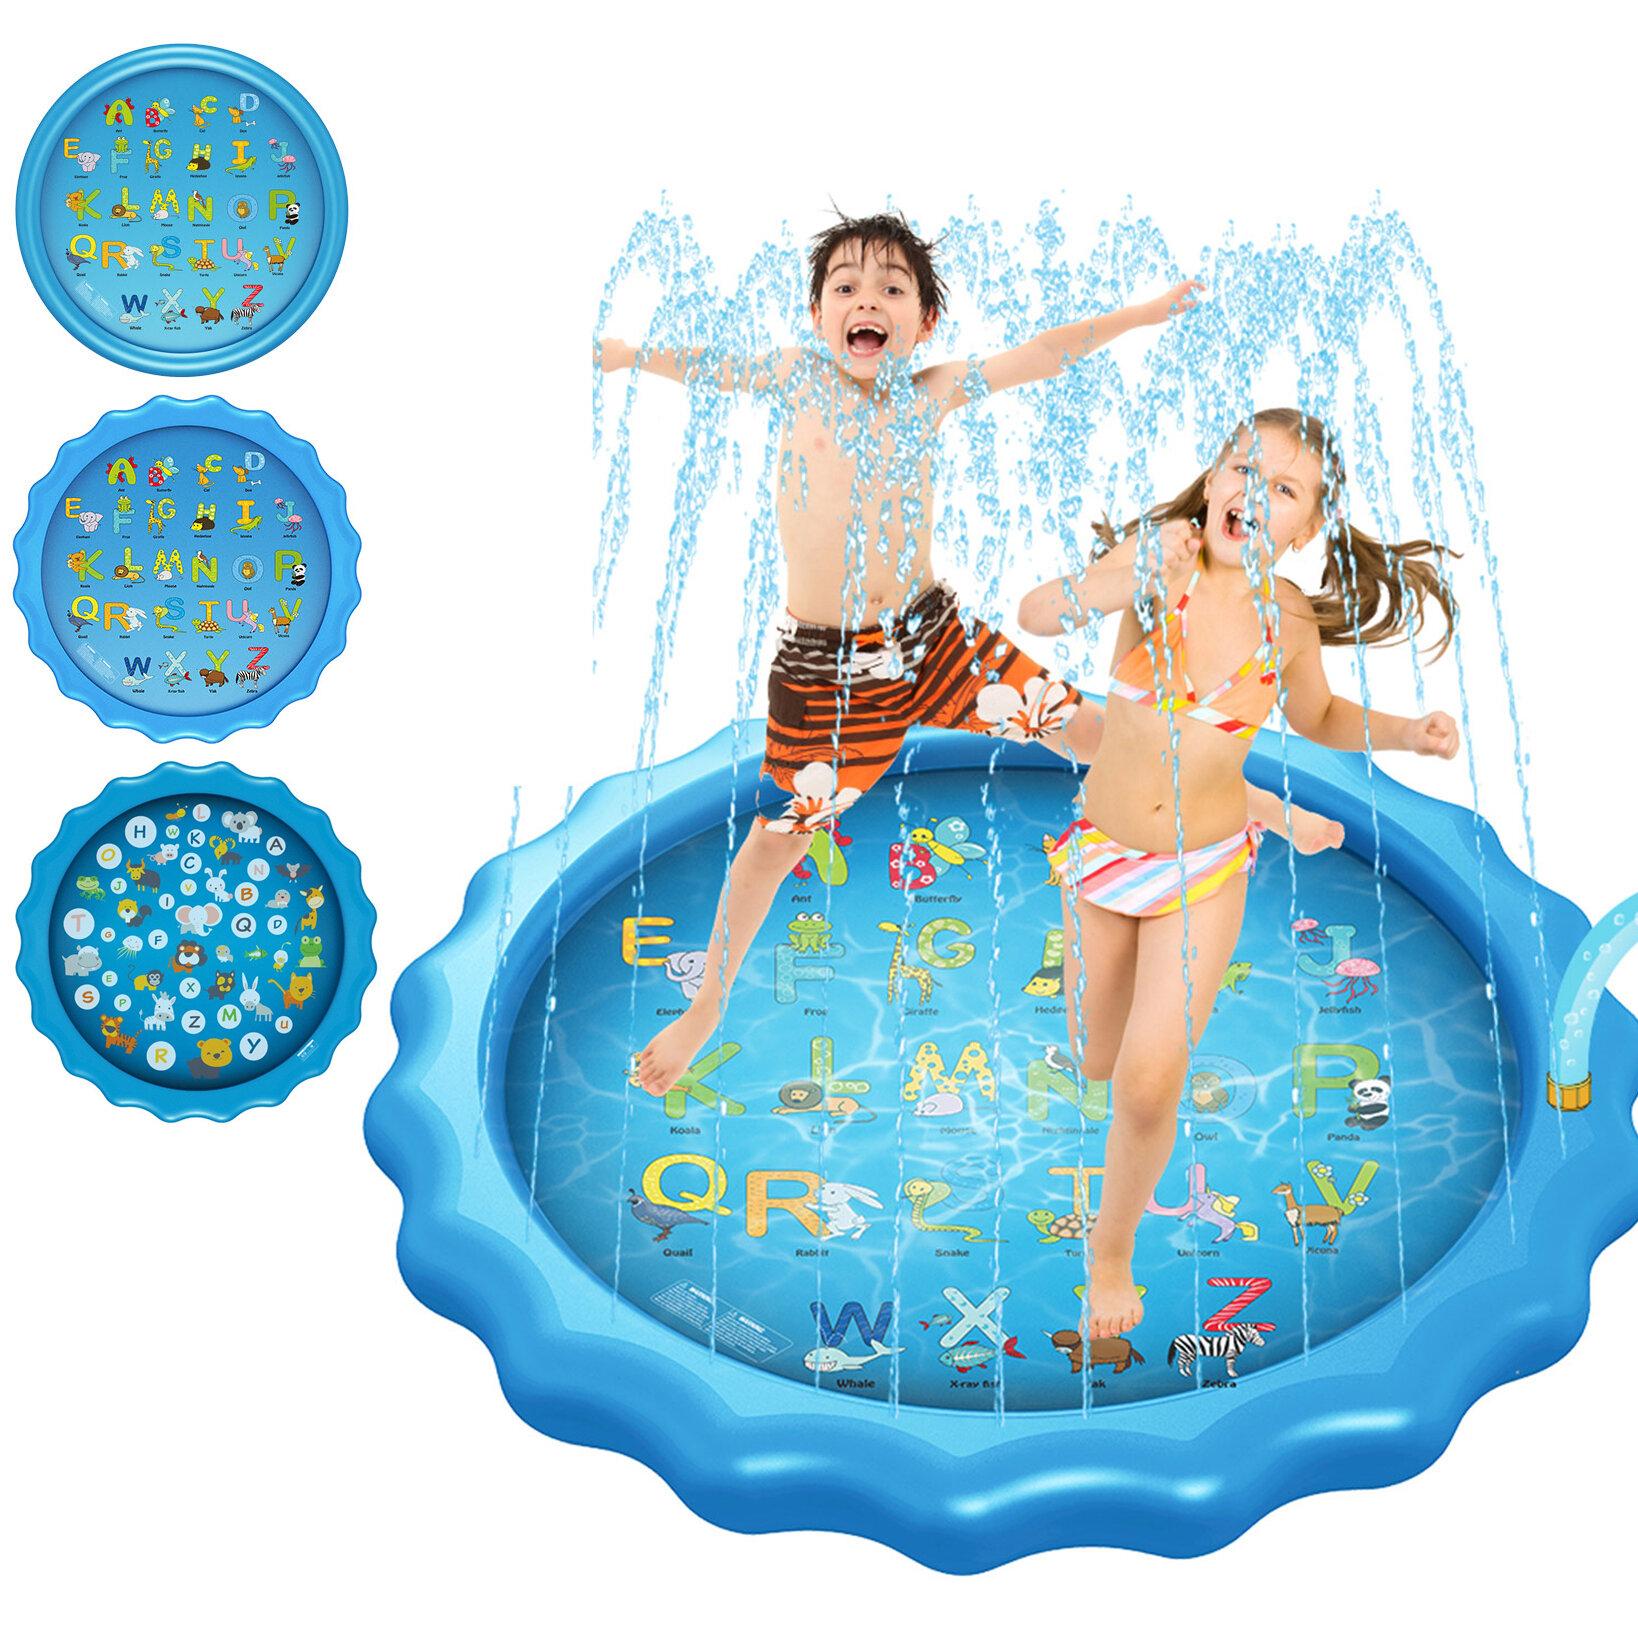 """170 سنتيمتر * 10 سنتيمتر / 68 """"* 3.93 '' نفخ بركة سباحة الصيف سبلاش رش الرش playmat في الهواء الطلق المياه تلعب حصيرة لعبة للأطفال الأطفال الصغار"""